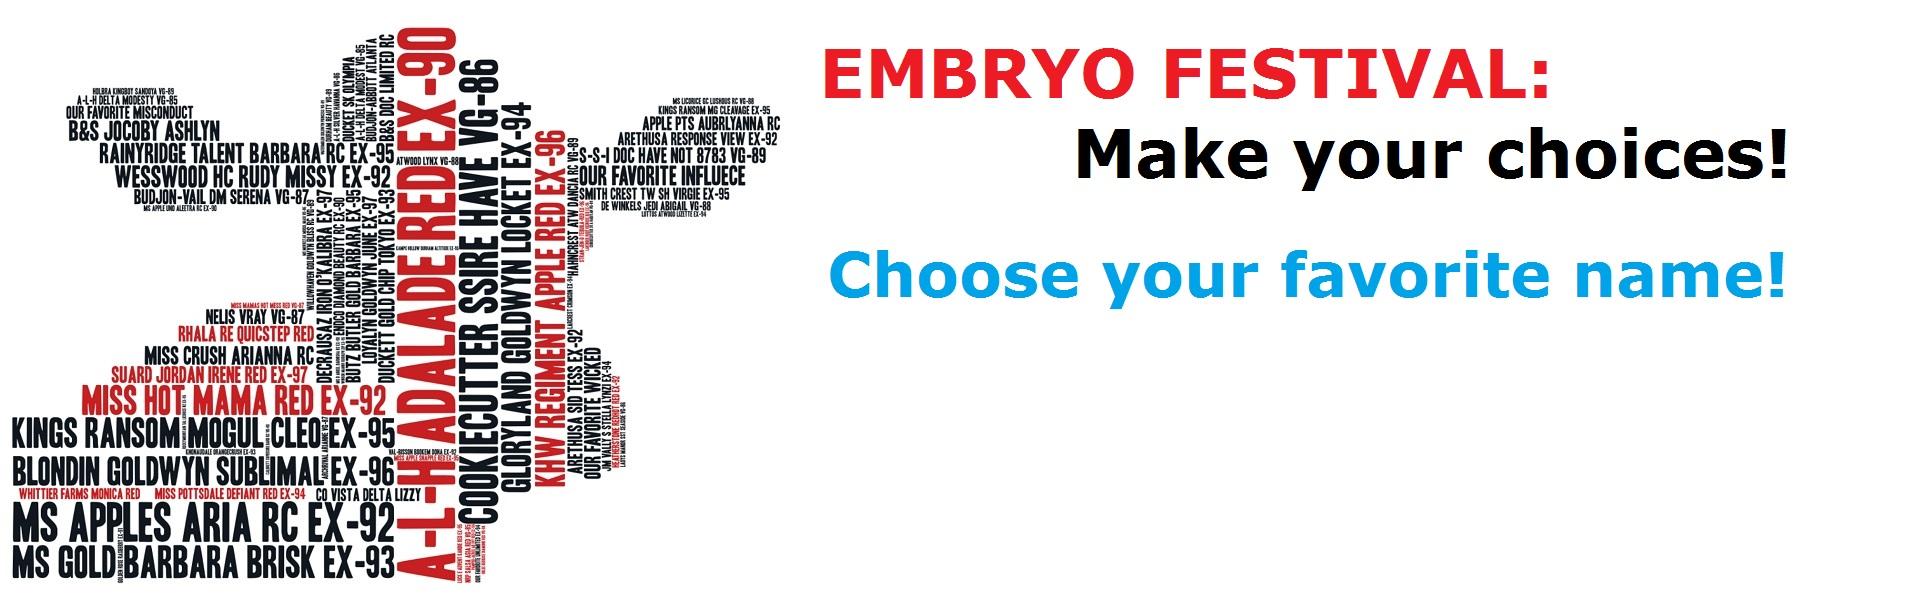 Embryo Festival